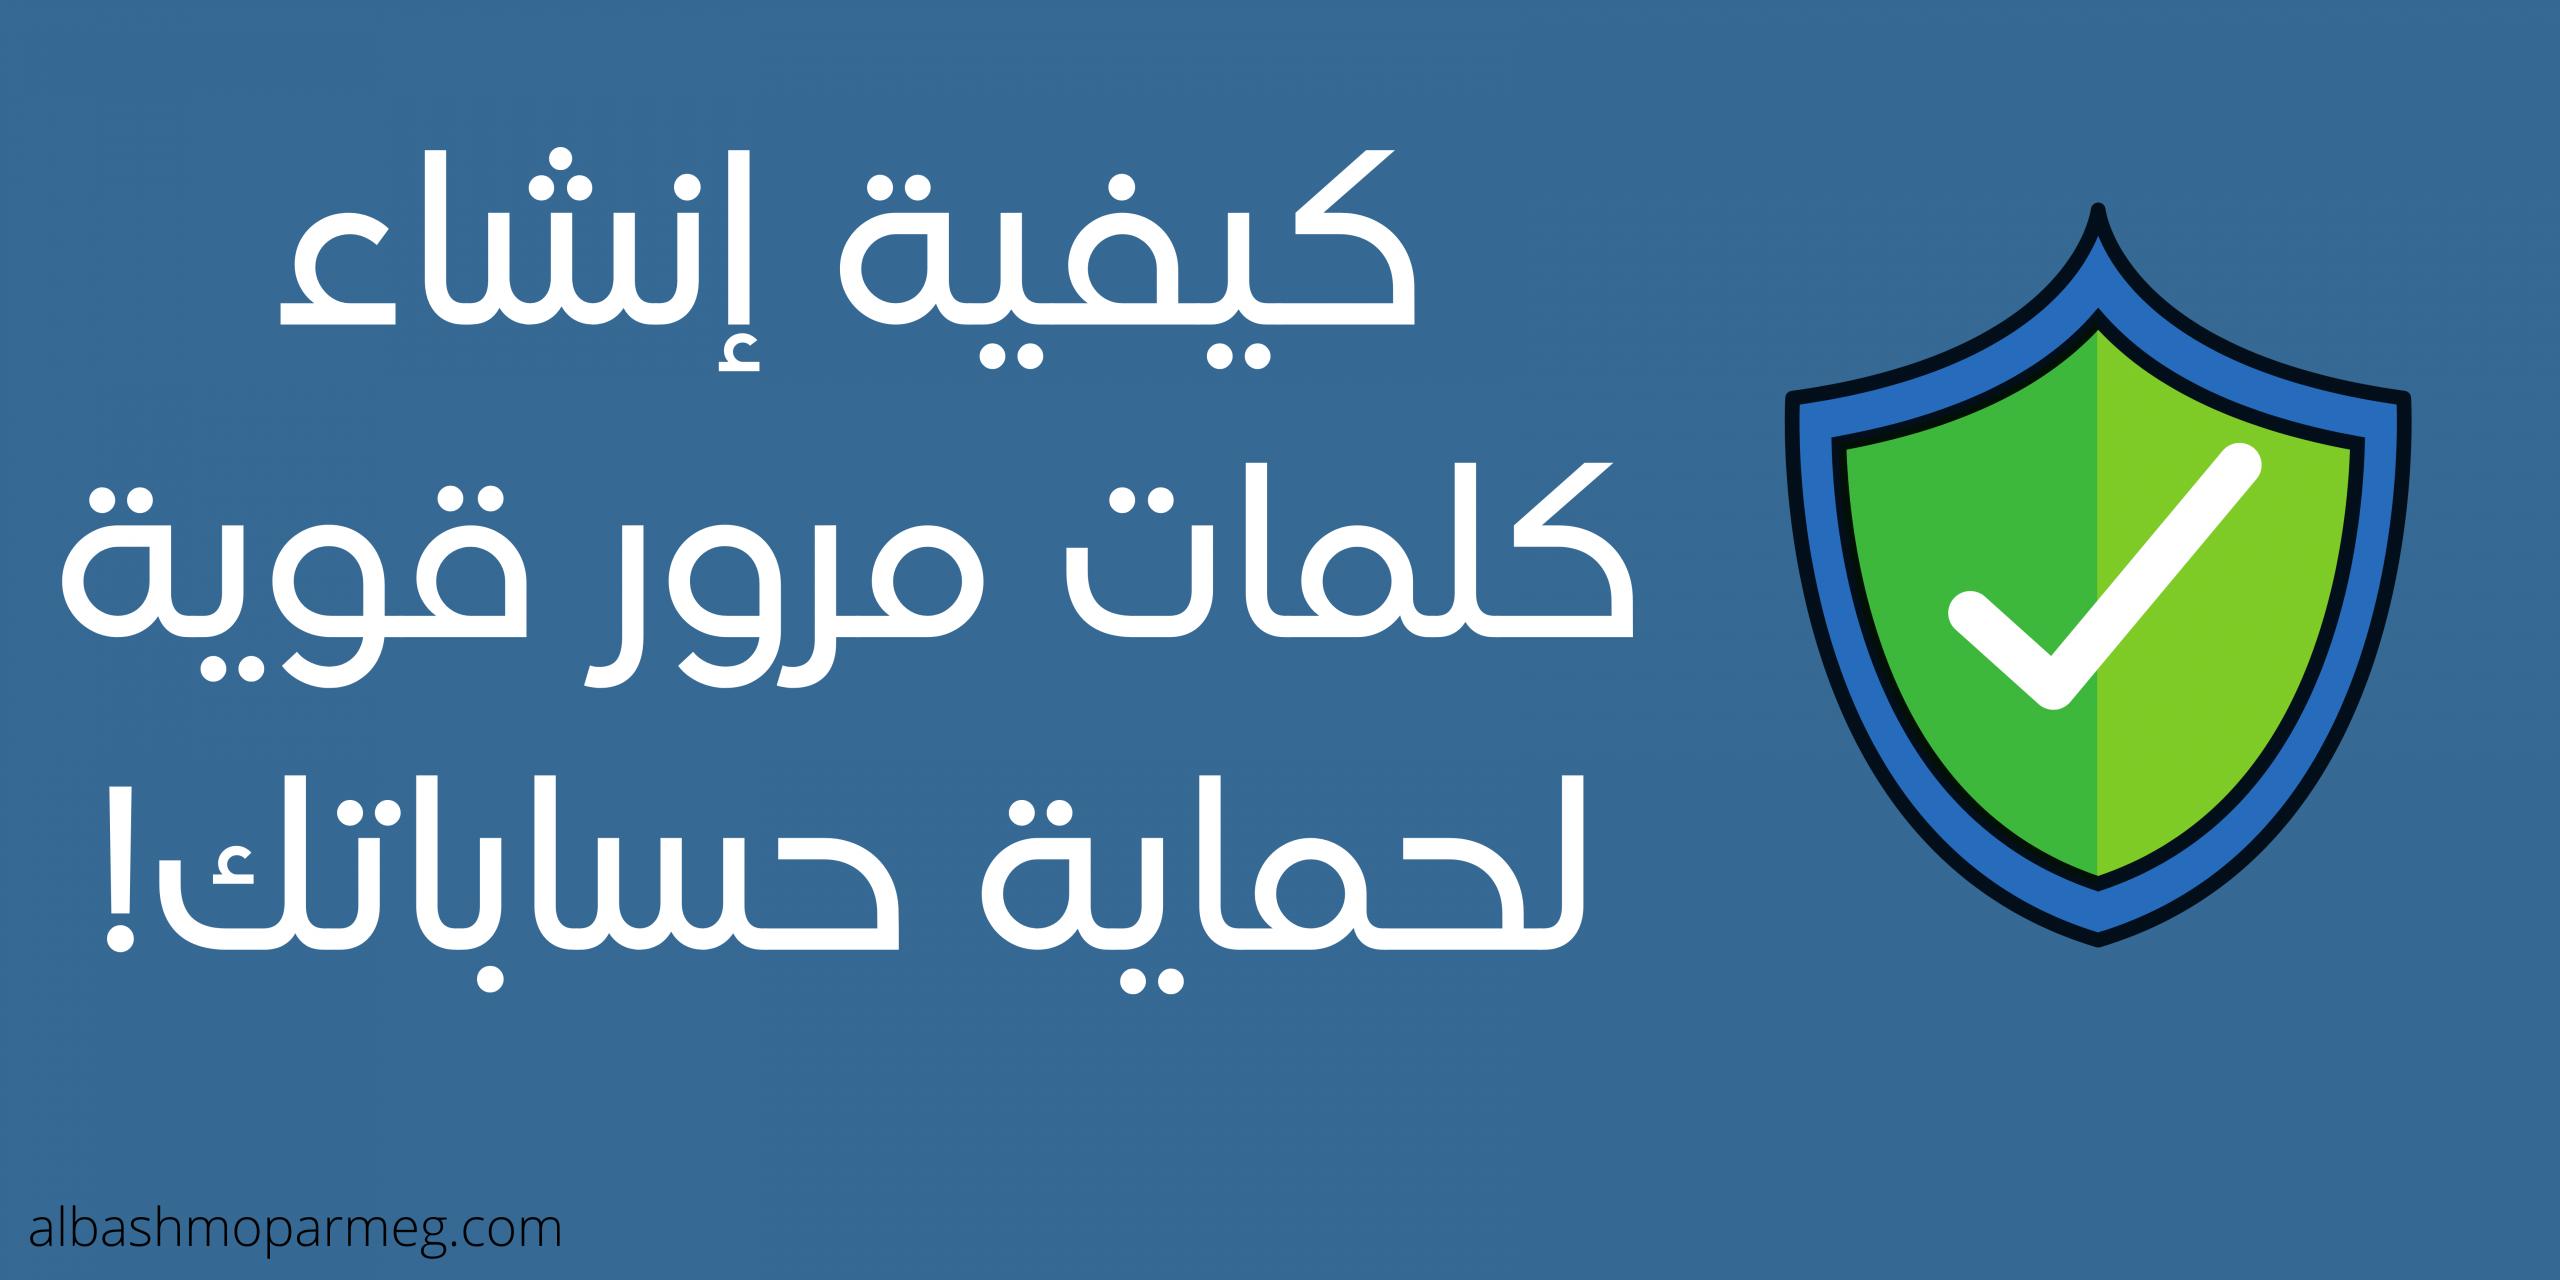 كيفية إنشاء كلمات مرور قوية لحماية حساباتك على مواقع التواصل الإجتماعى - الباشمبرمج